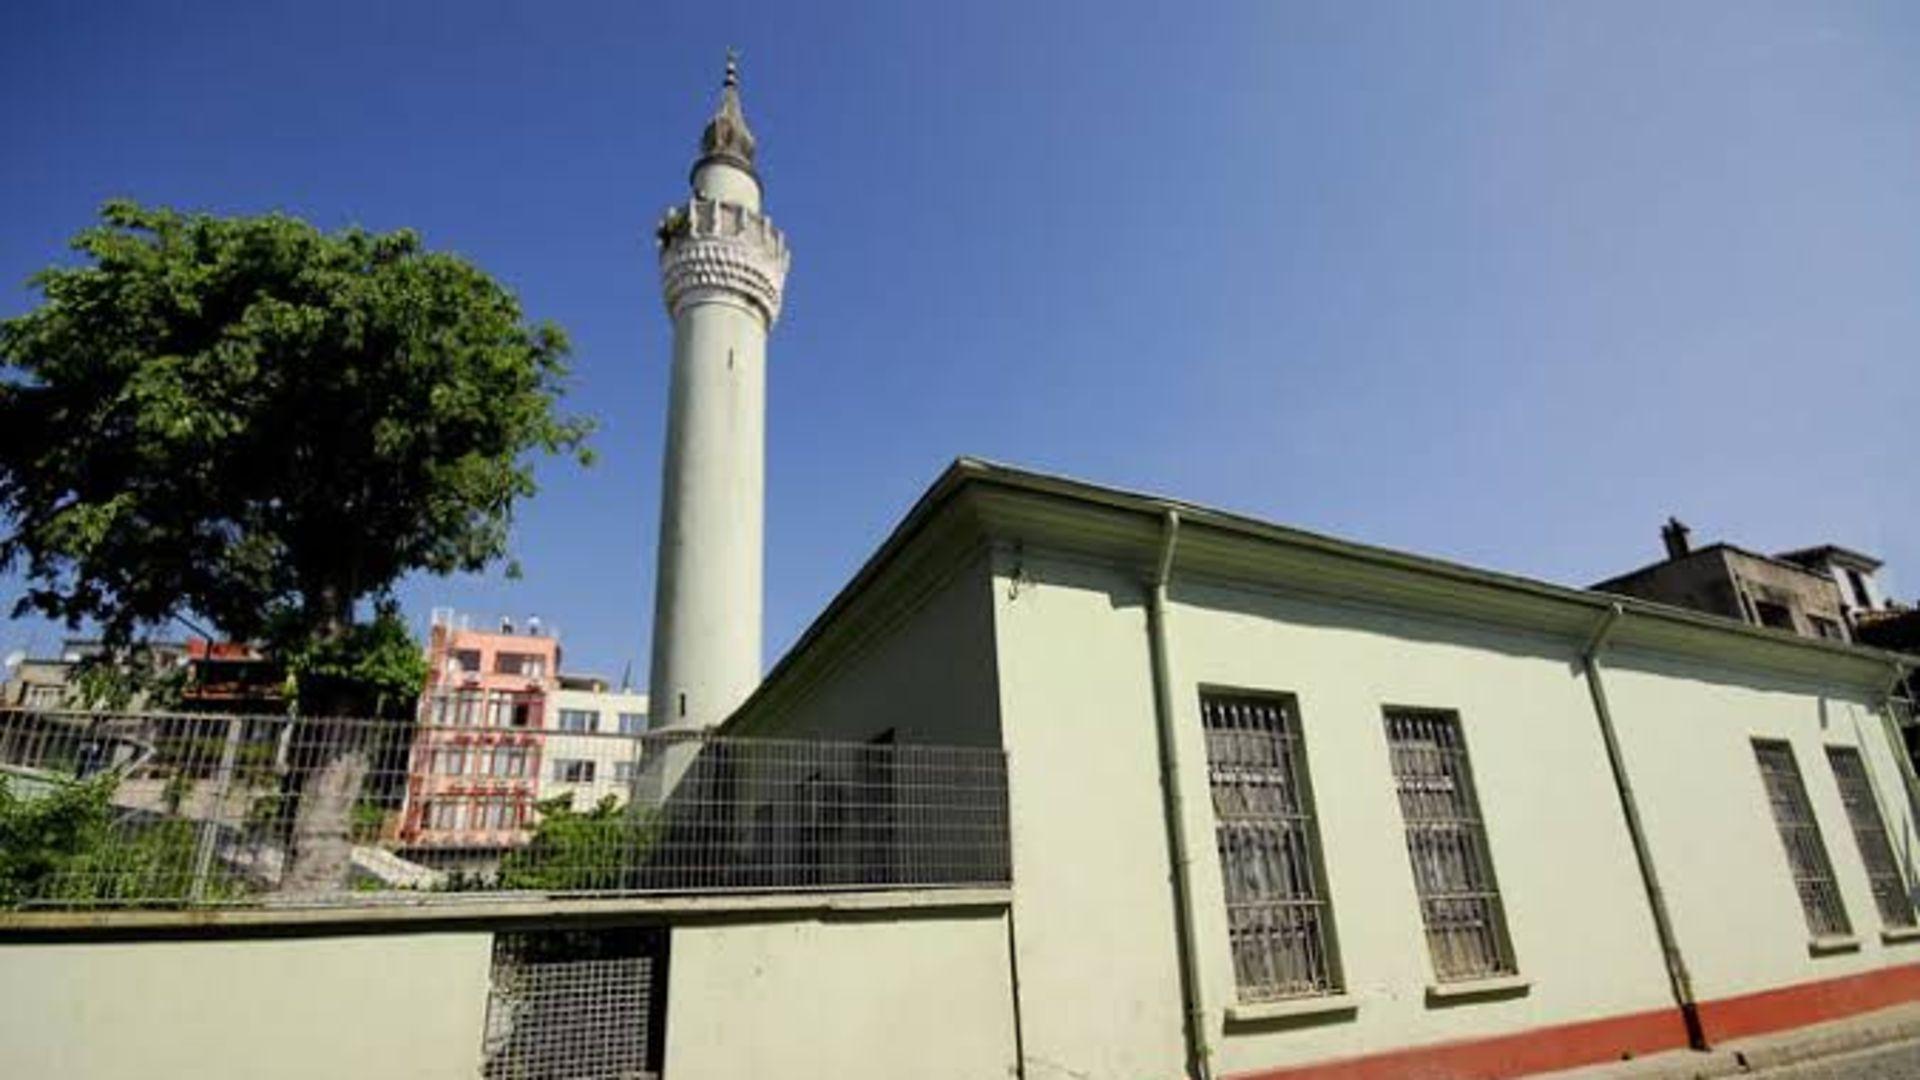 Osmanlı İstanbul'unda tüm camilerin kulağı bu küçük mescitte okunan ezan sesindeydi